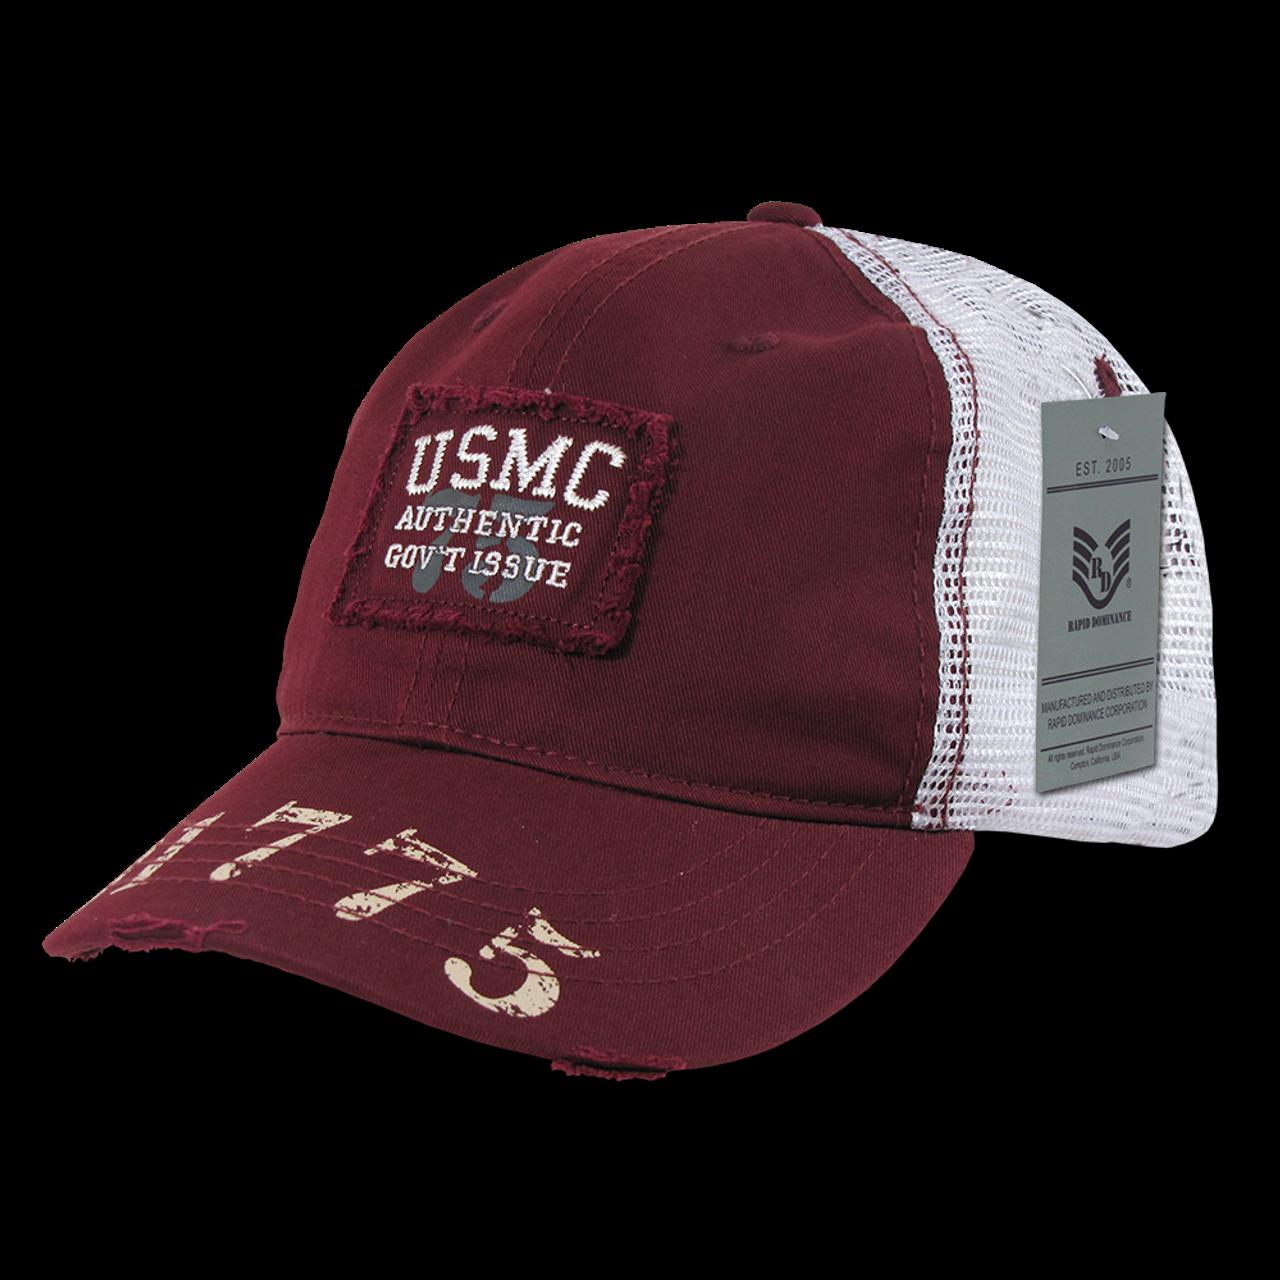 S85 - Marines Cap USMC Vintage Military Patch Mesh Maroon -  USMILITARYHATS.COM b2771d35a8d